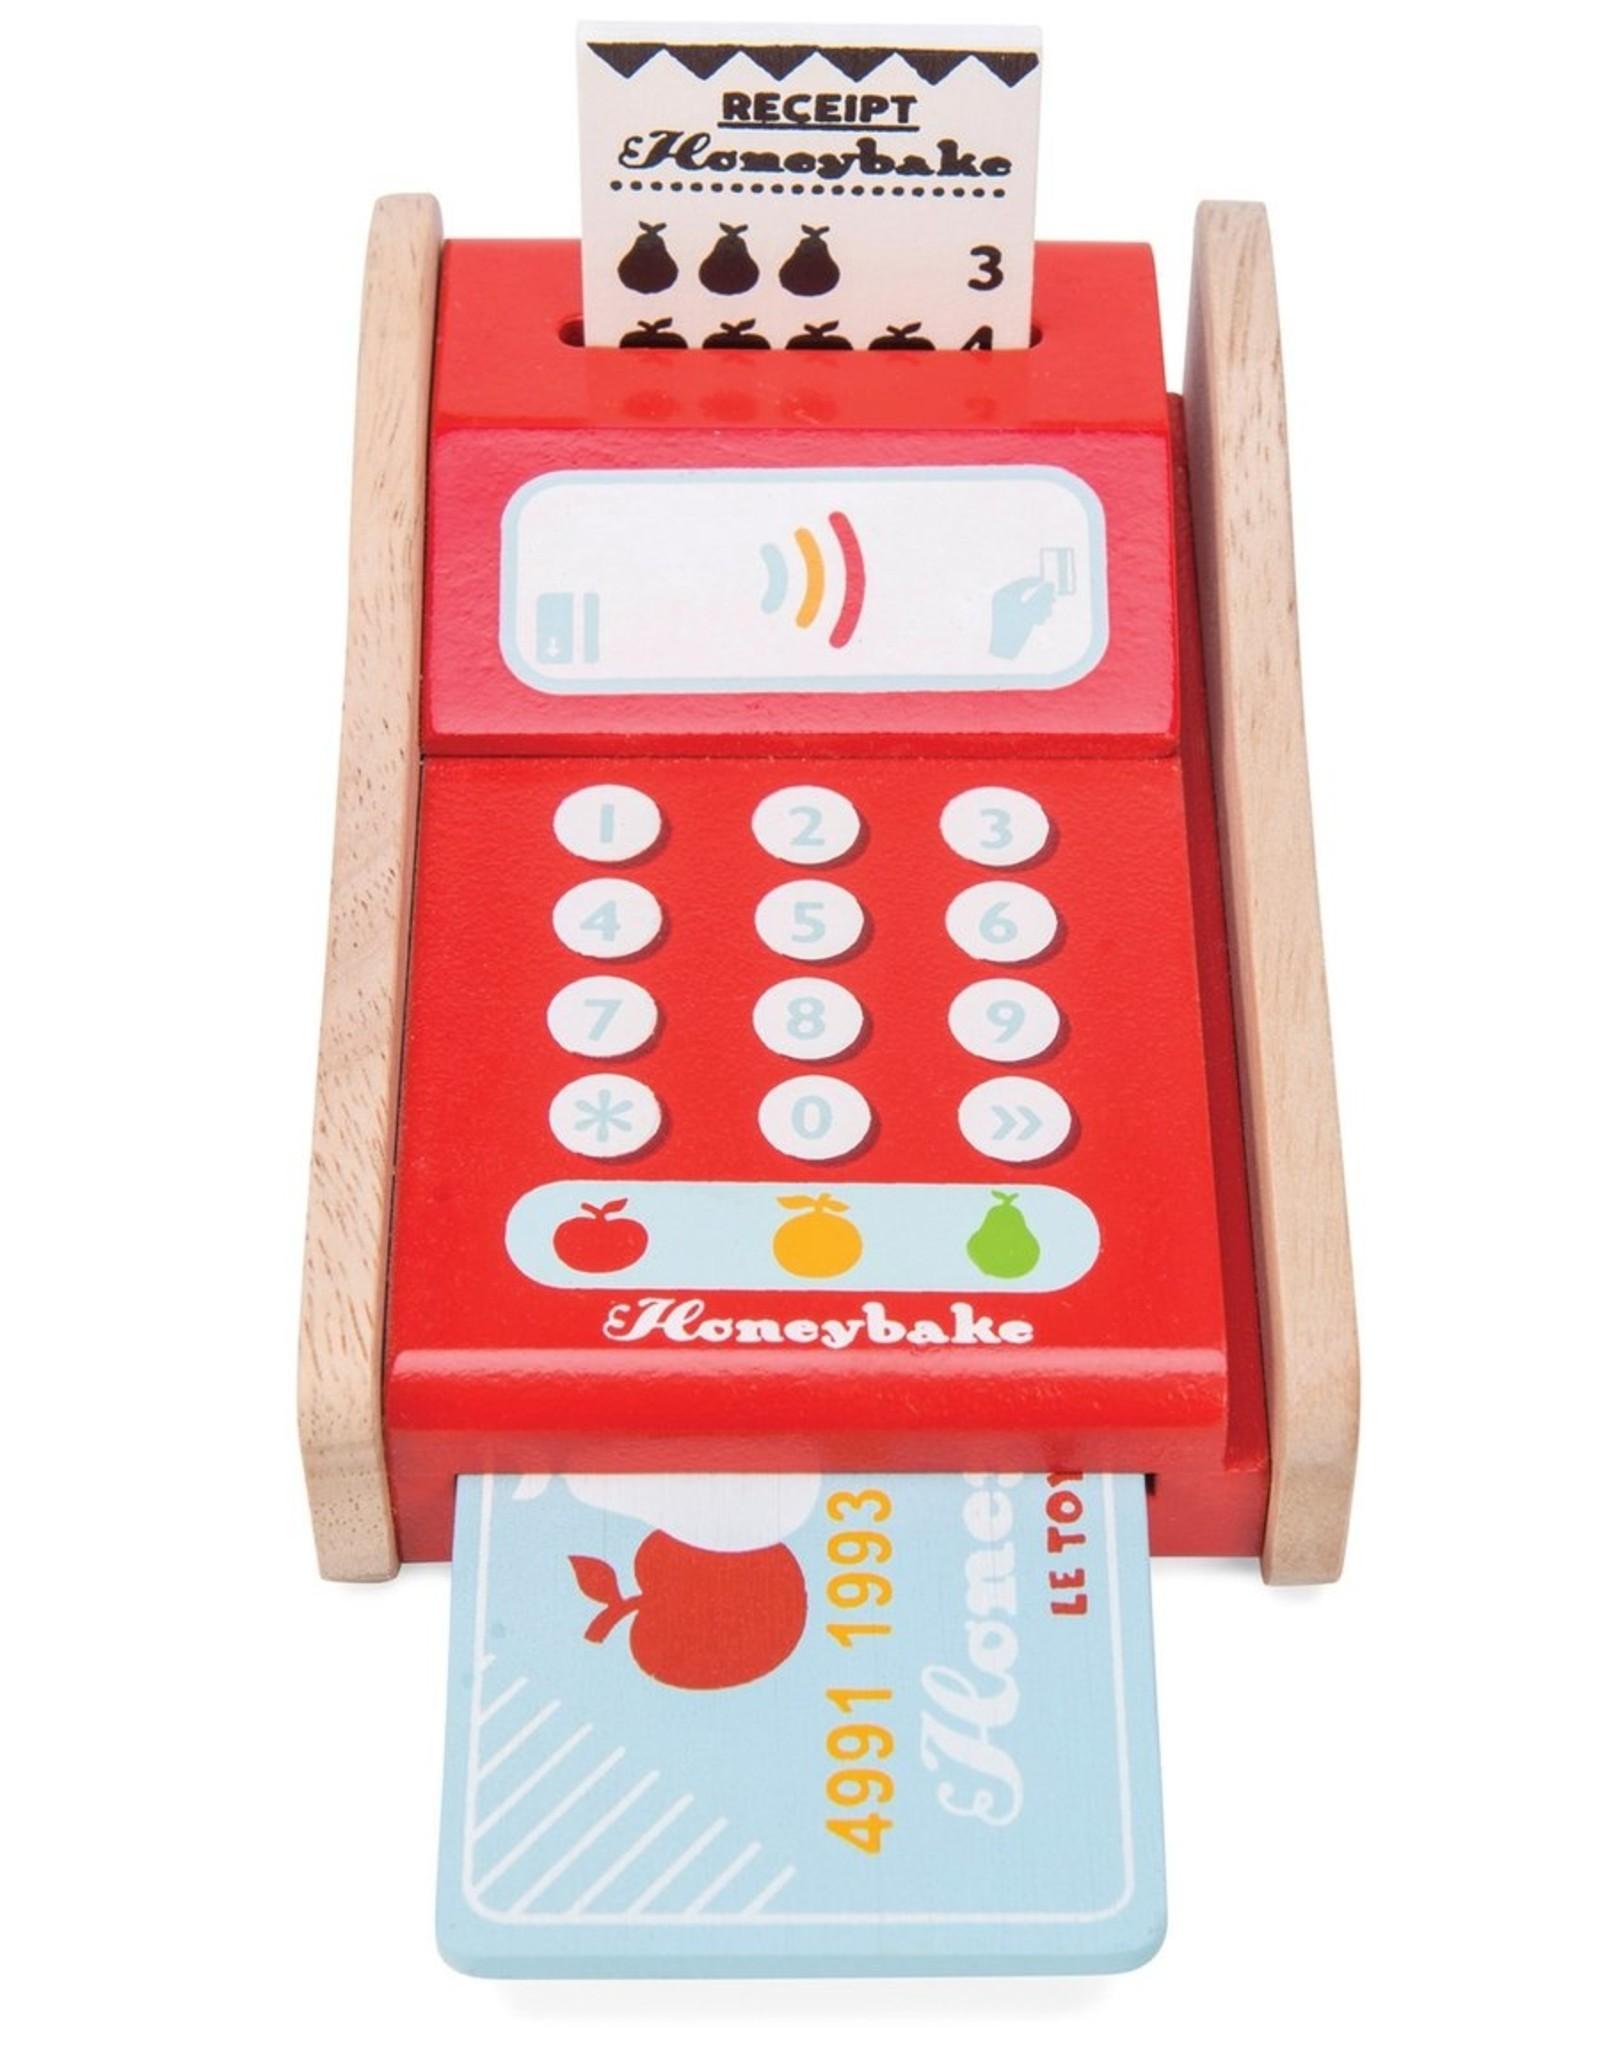 Letoy van Card machine